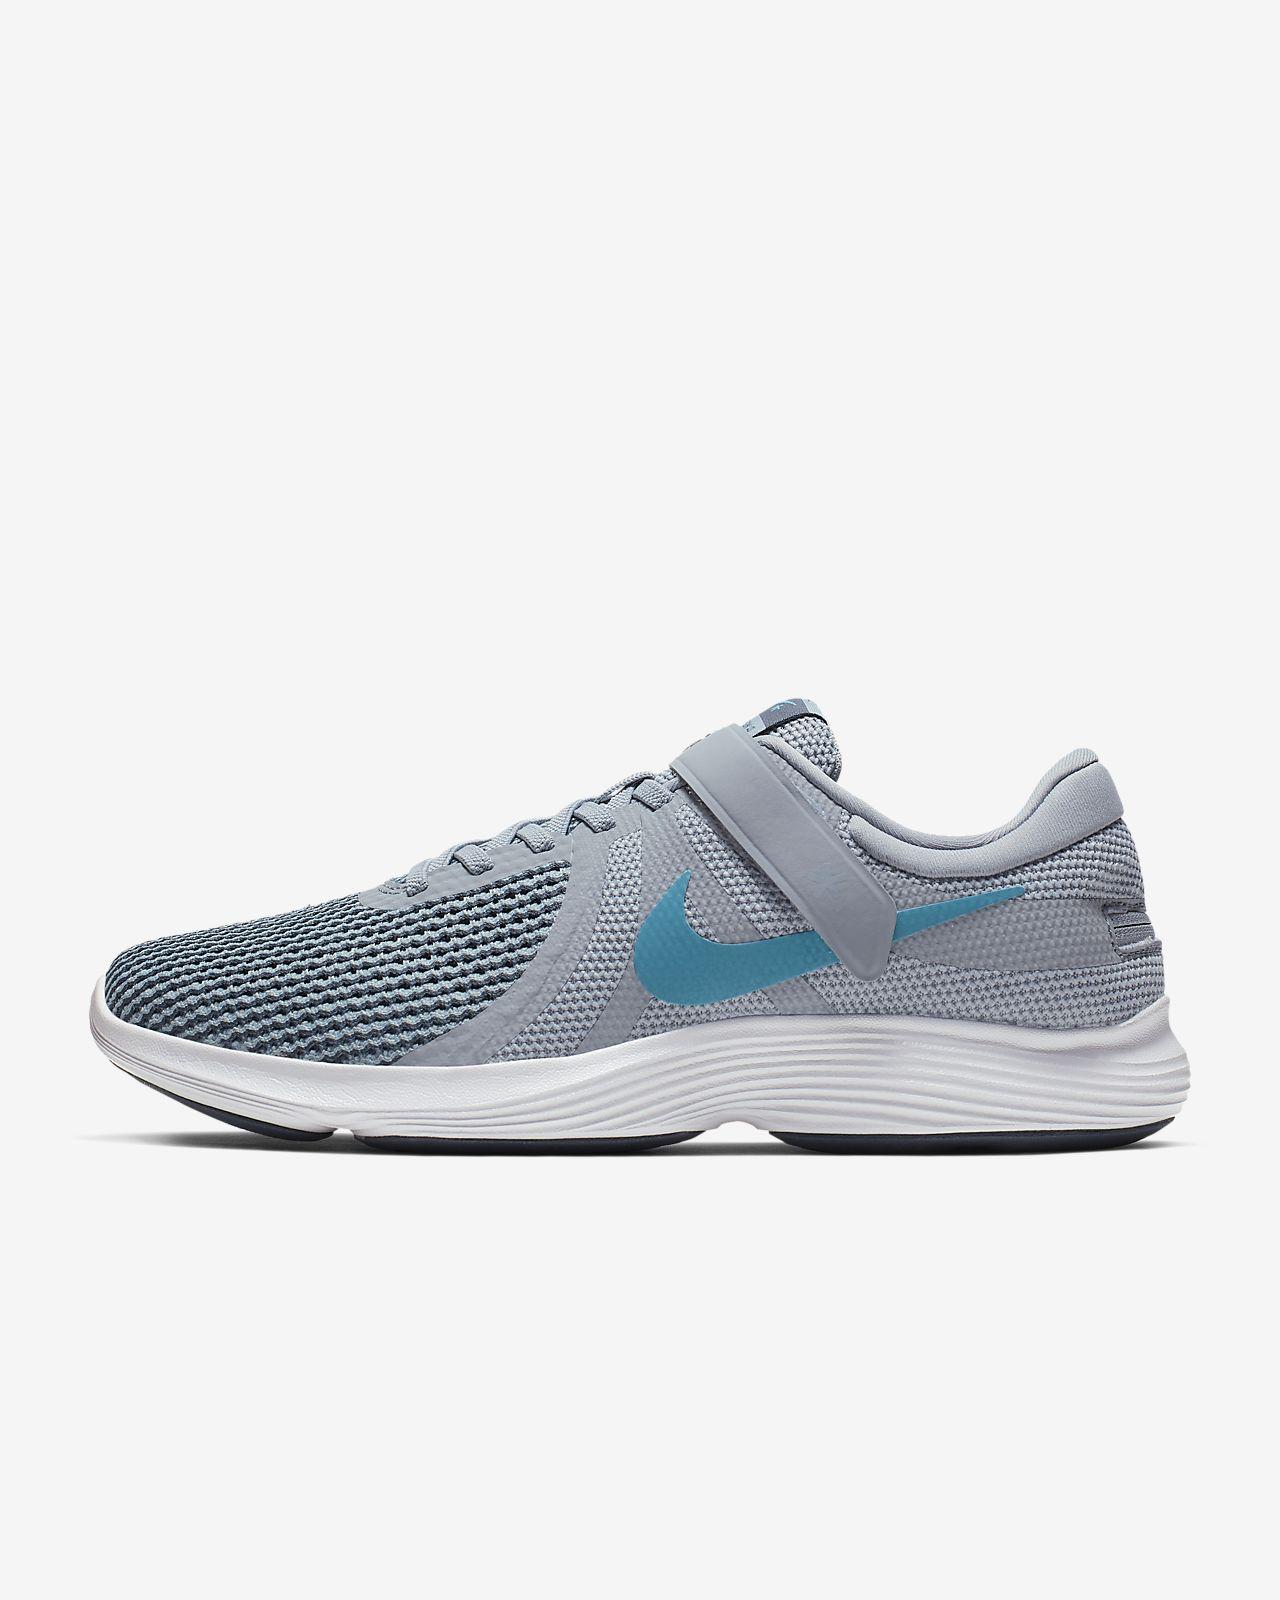 best service 60c67 489c6 ... Nike Revolution 4 FlyEase Hardloopschoen voor heren